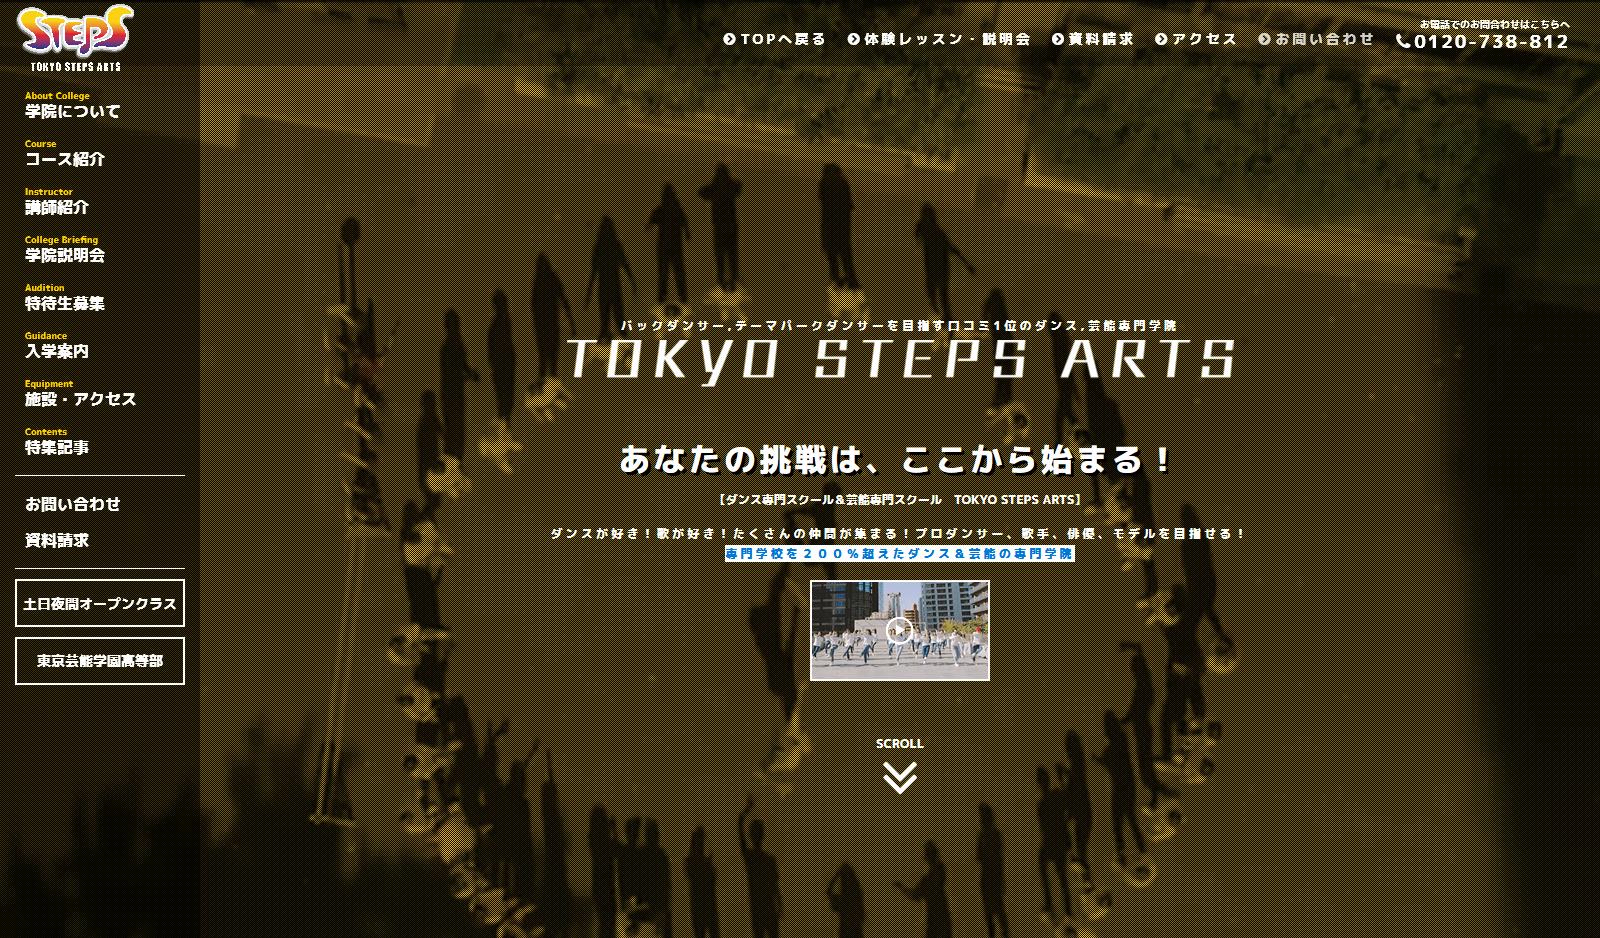 ダンス・芸能・俳優・歌手の専門学校【TOKYO-STEPS-ARTS】